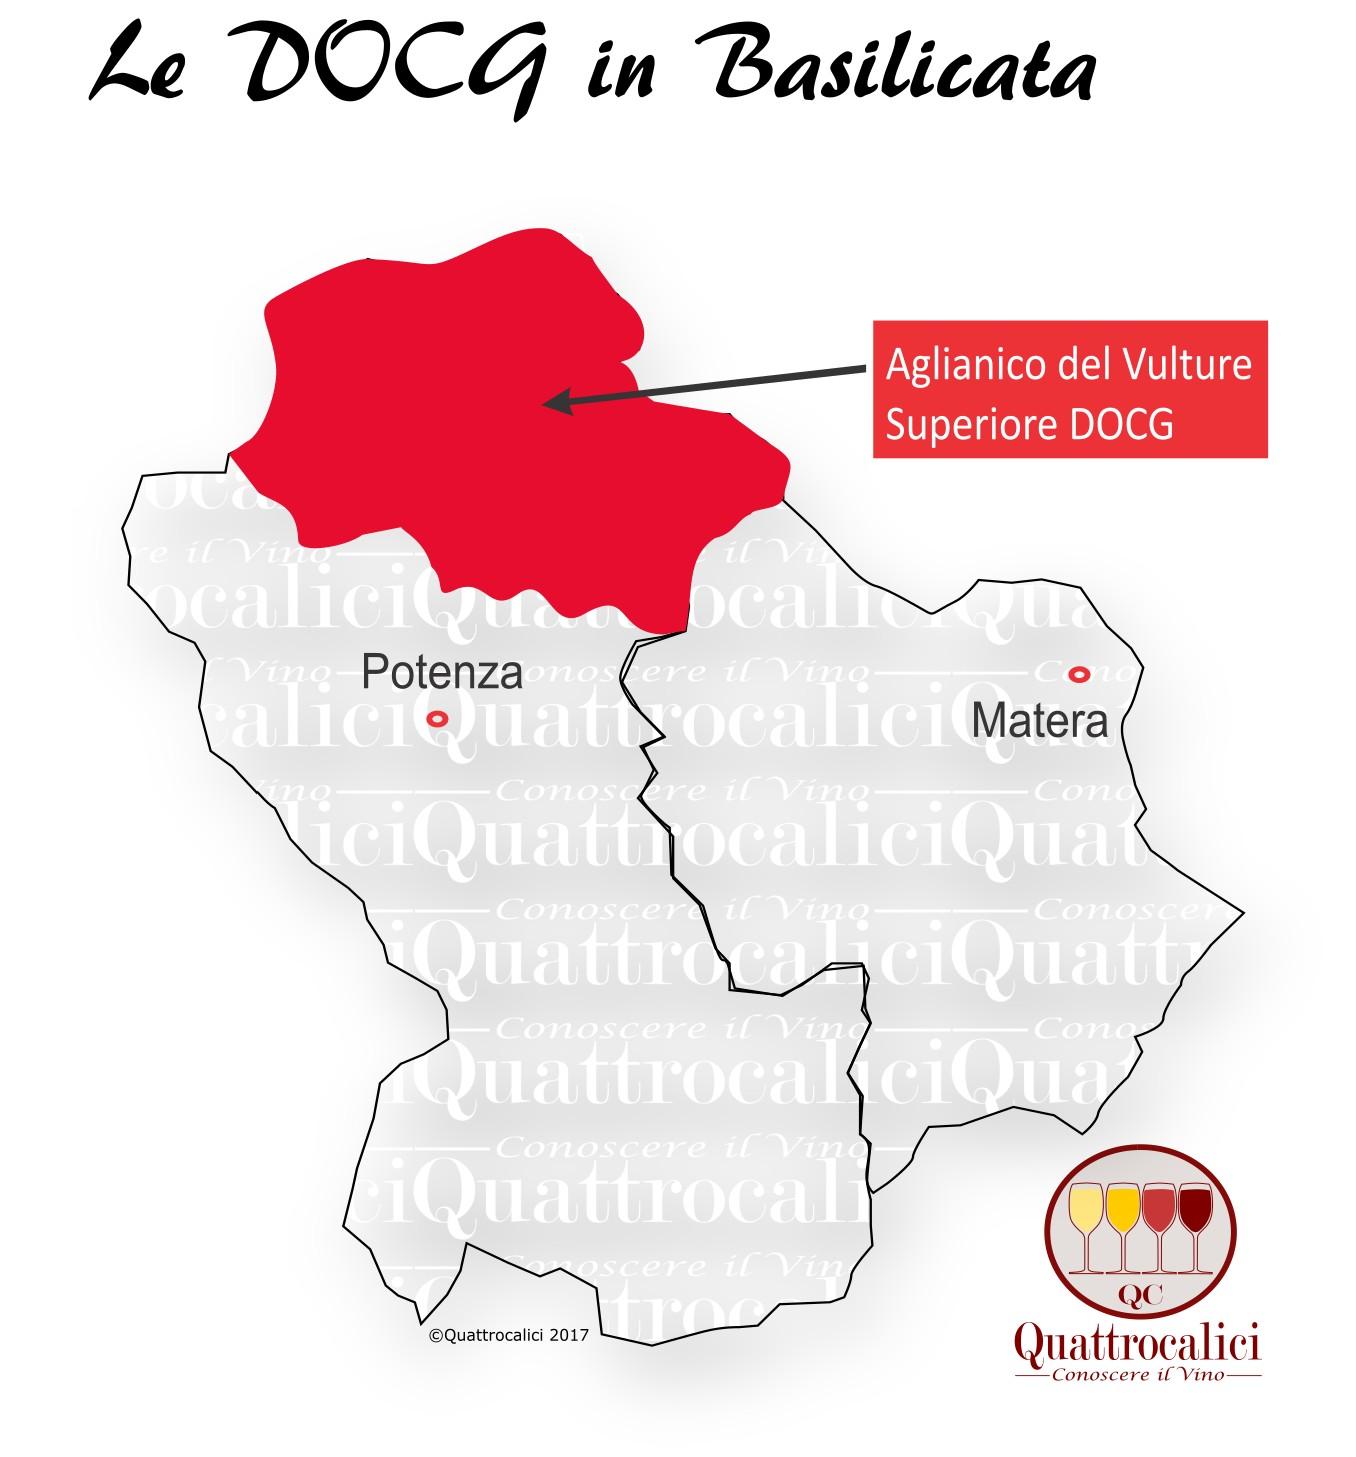 Le DOCG in Basilicata